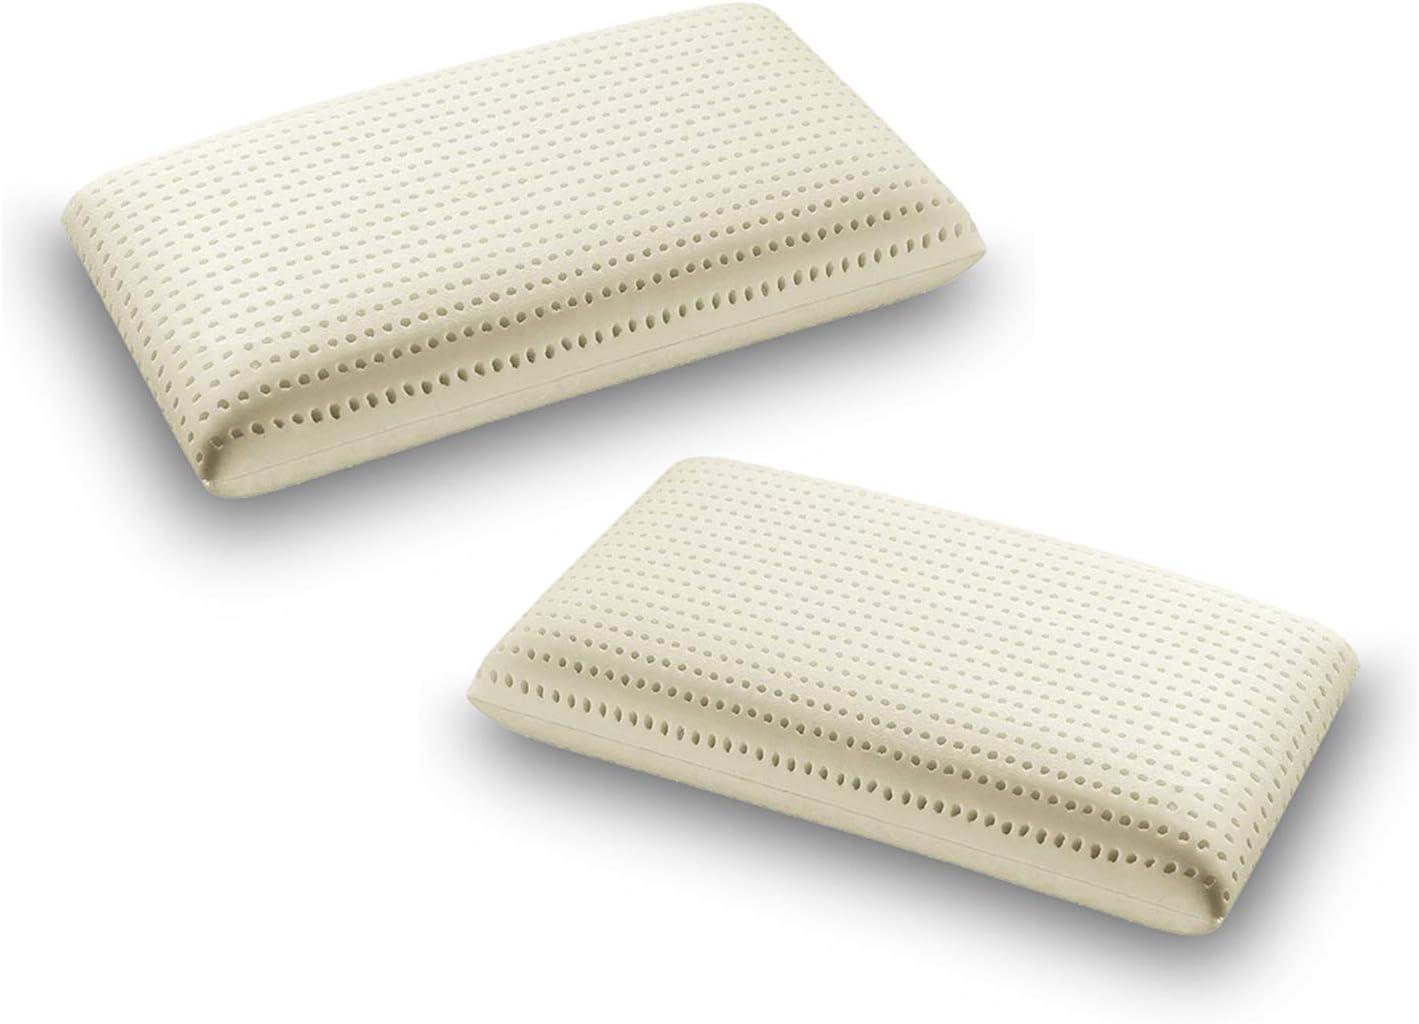 Shop Natural Latex Pillows UK | Natural